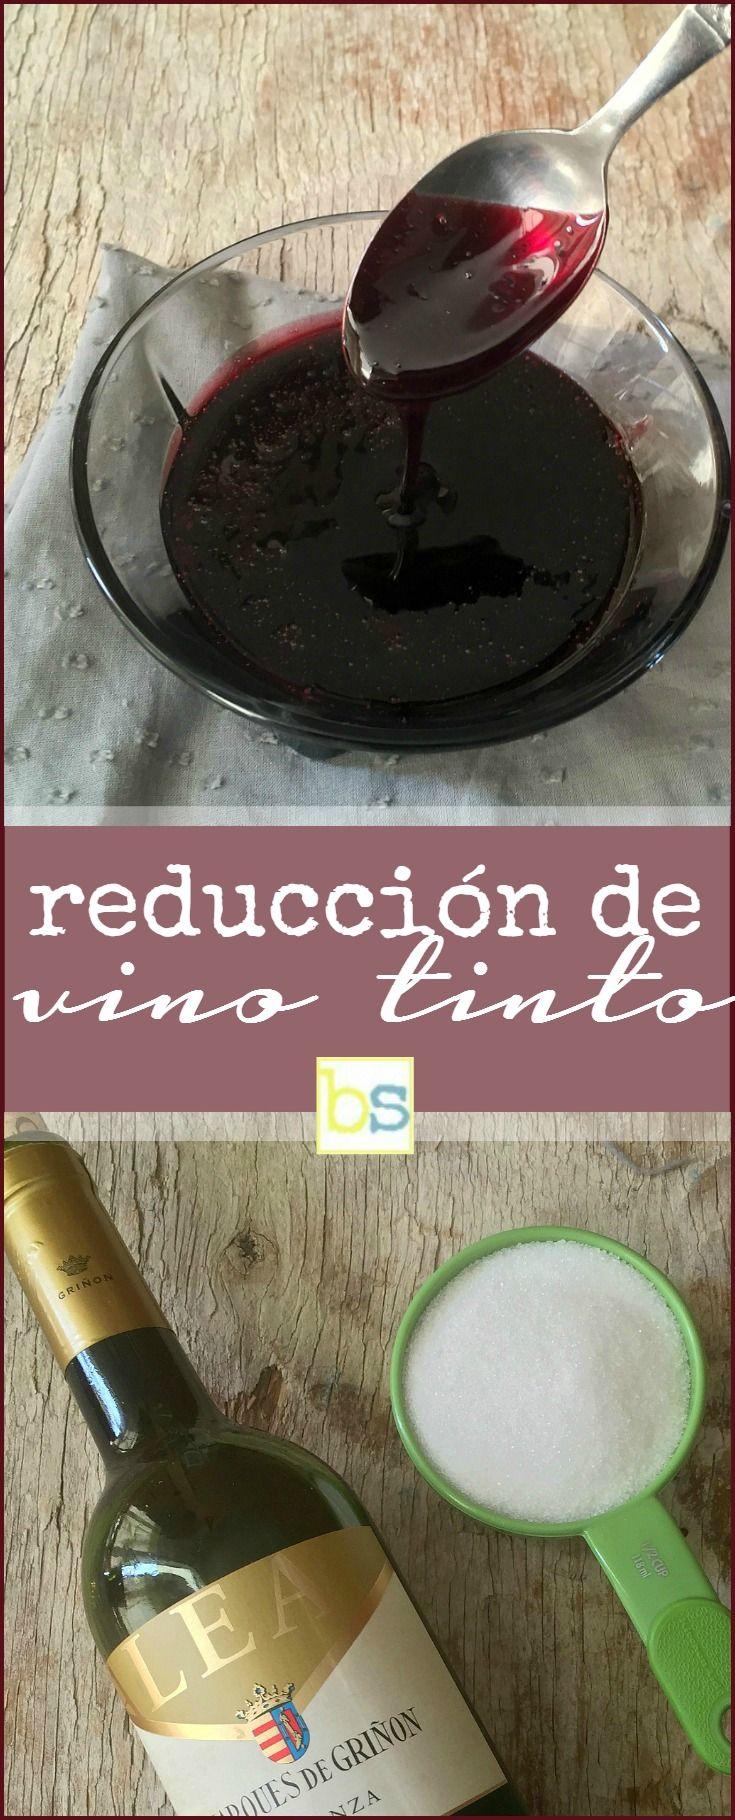 Como hacer reducción de vino tinto: se prepara con vino tinto y azúcar, excelente sustituto a la reducción del vinagre balsámico. Descubre más @bizcochosysan